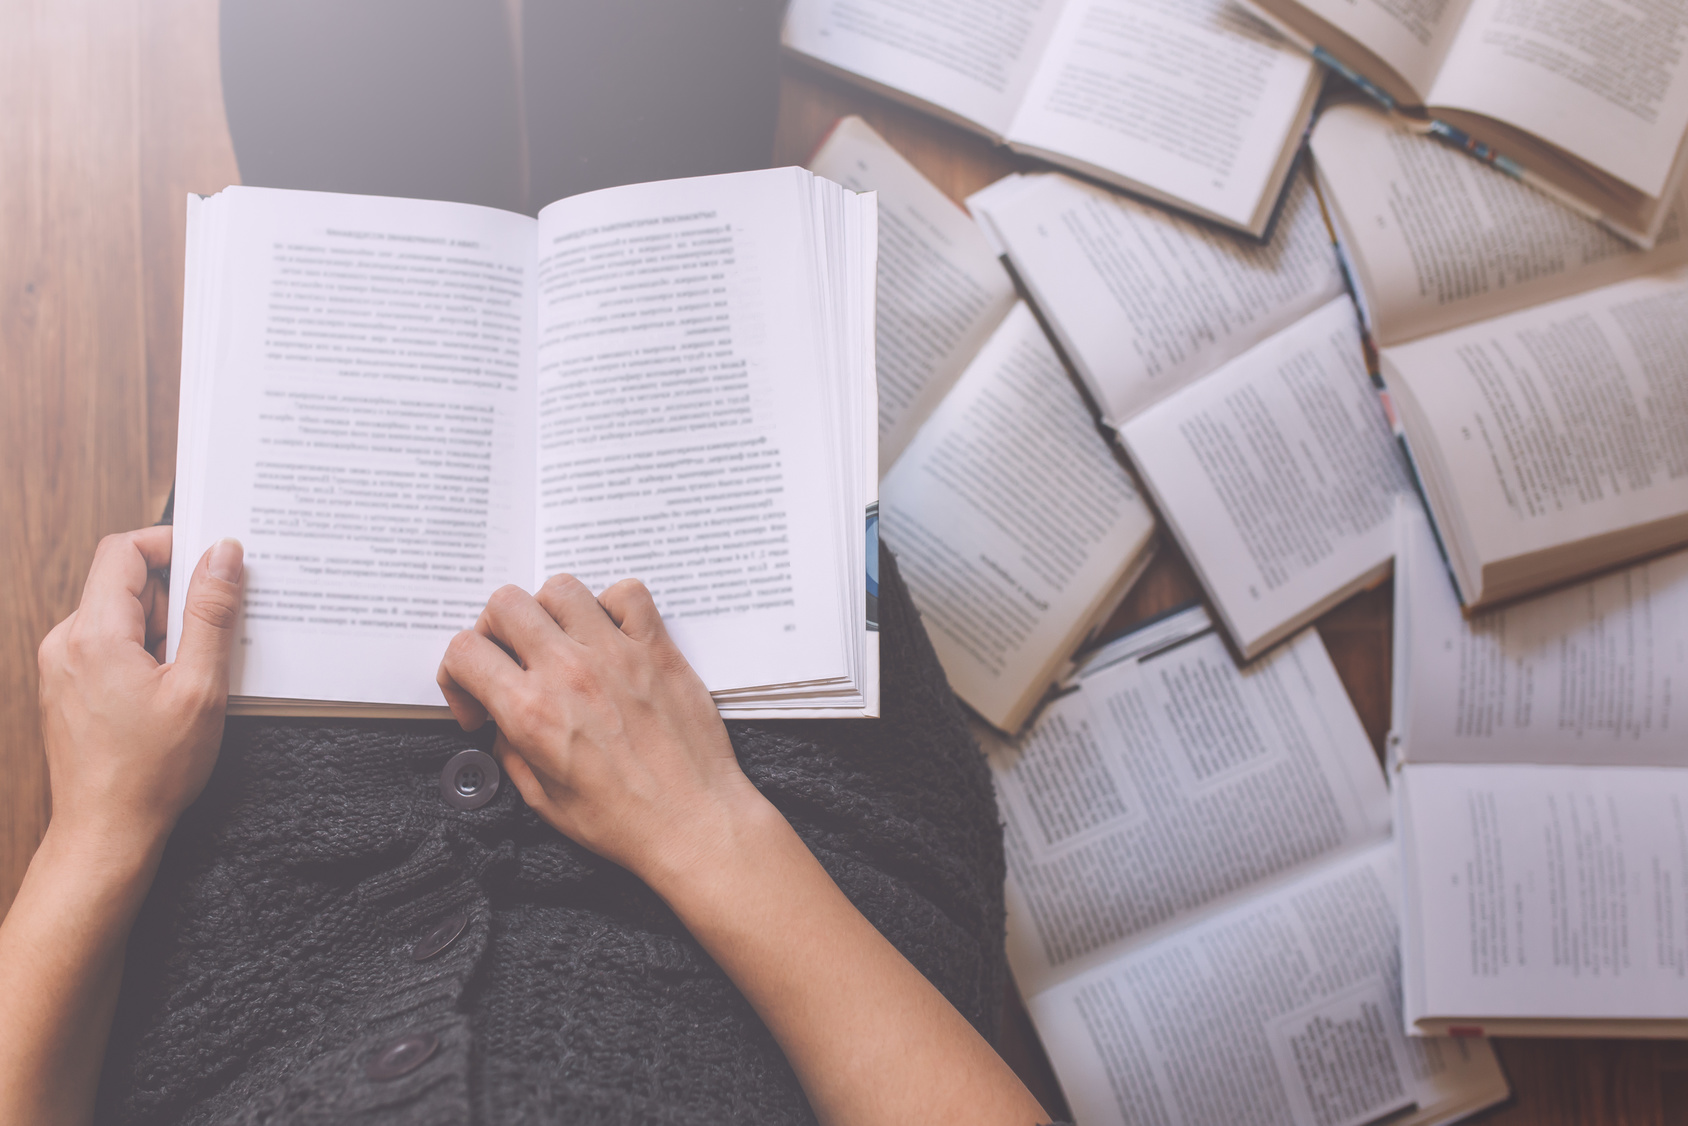 Uliczna biblioteka Biuro podróży Goforworld by Kuźniar